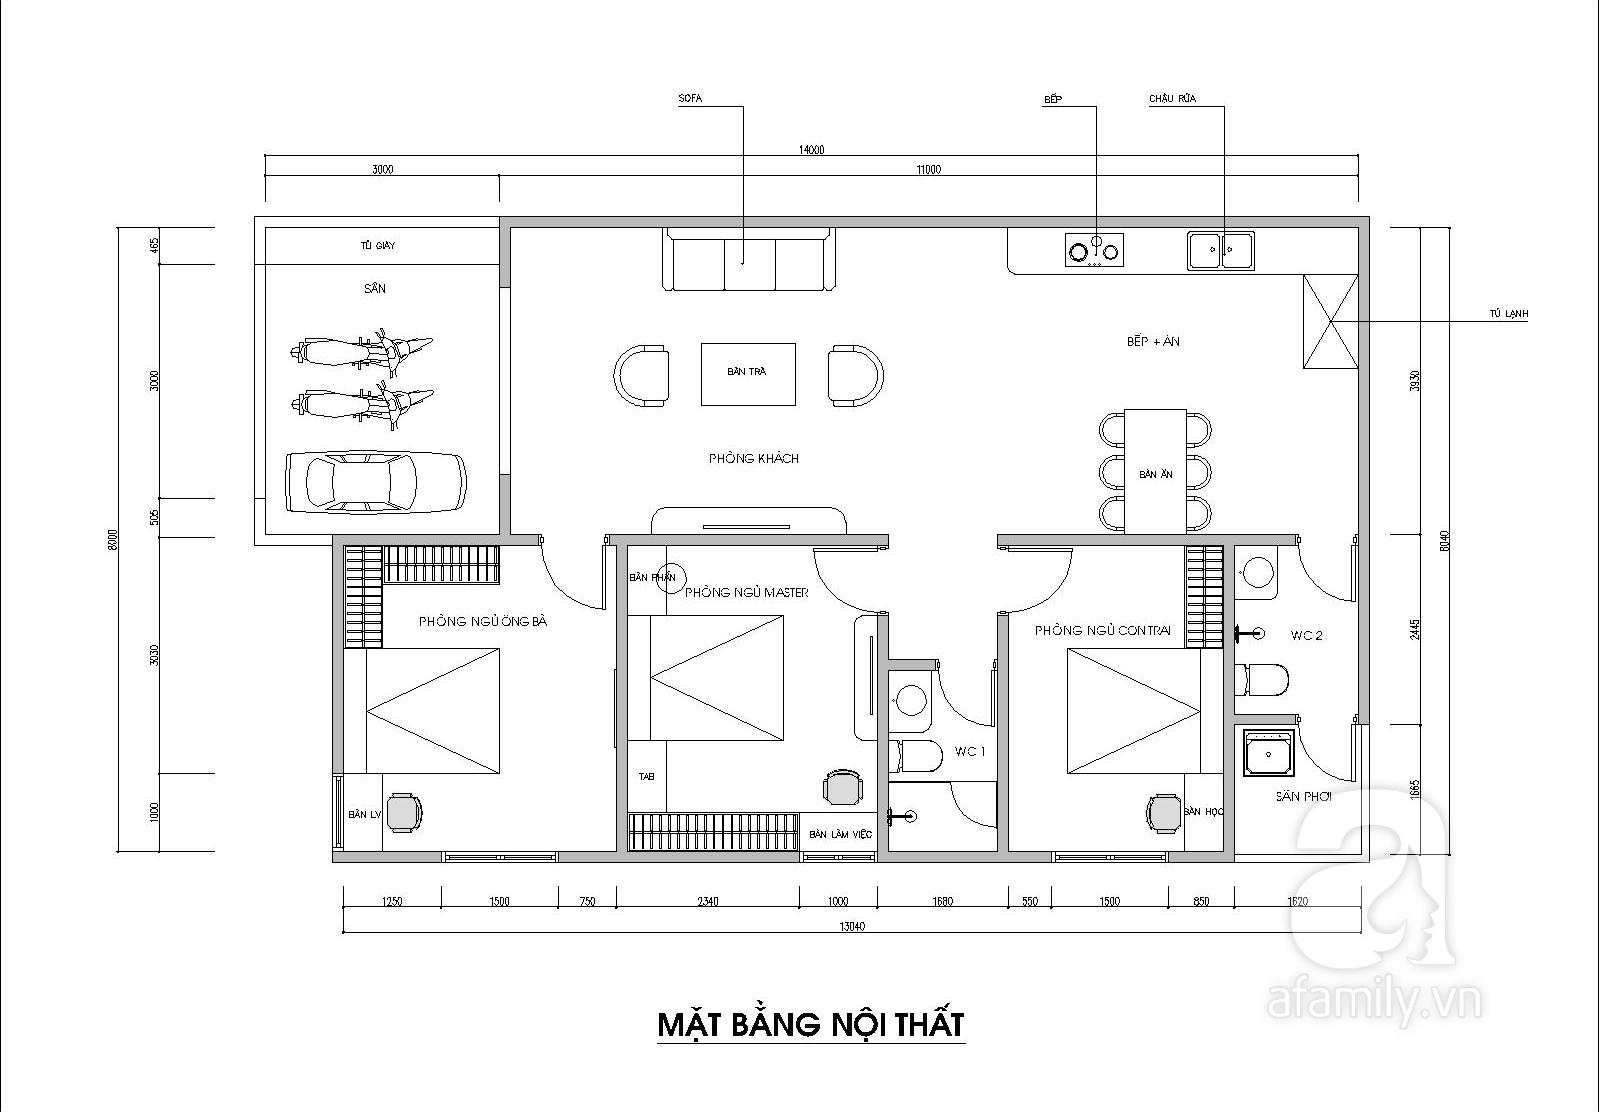 Tư vấn cải tạo nhà cấp 4 mái thái 110m² chi phí 219 triệu đồng - Ảnh 2.